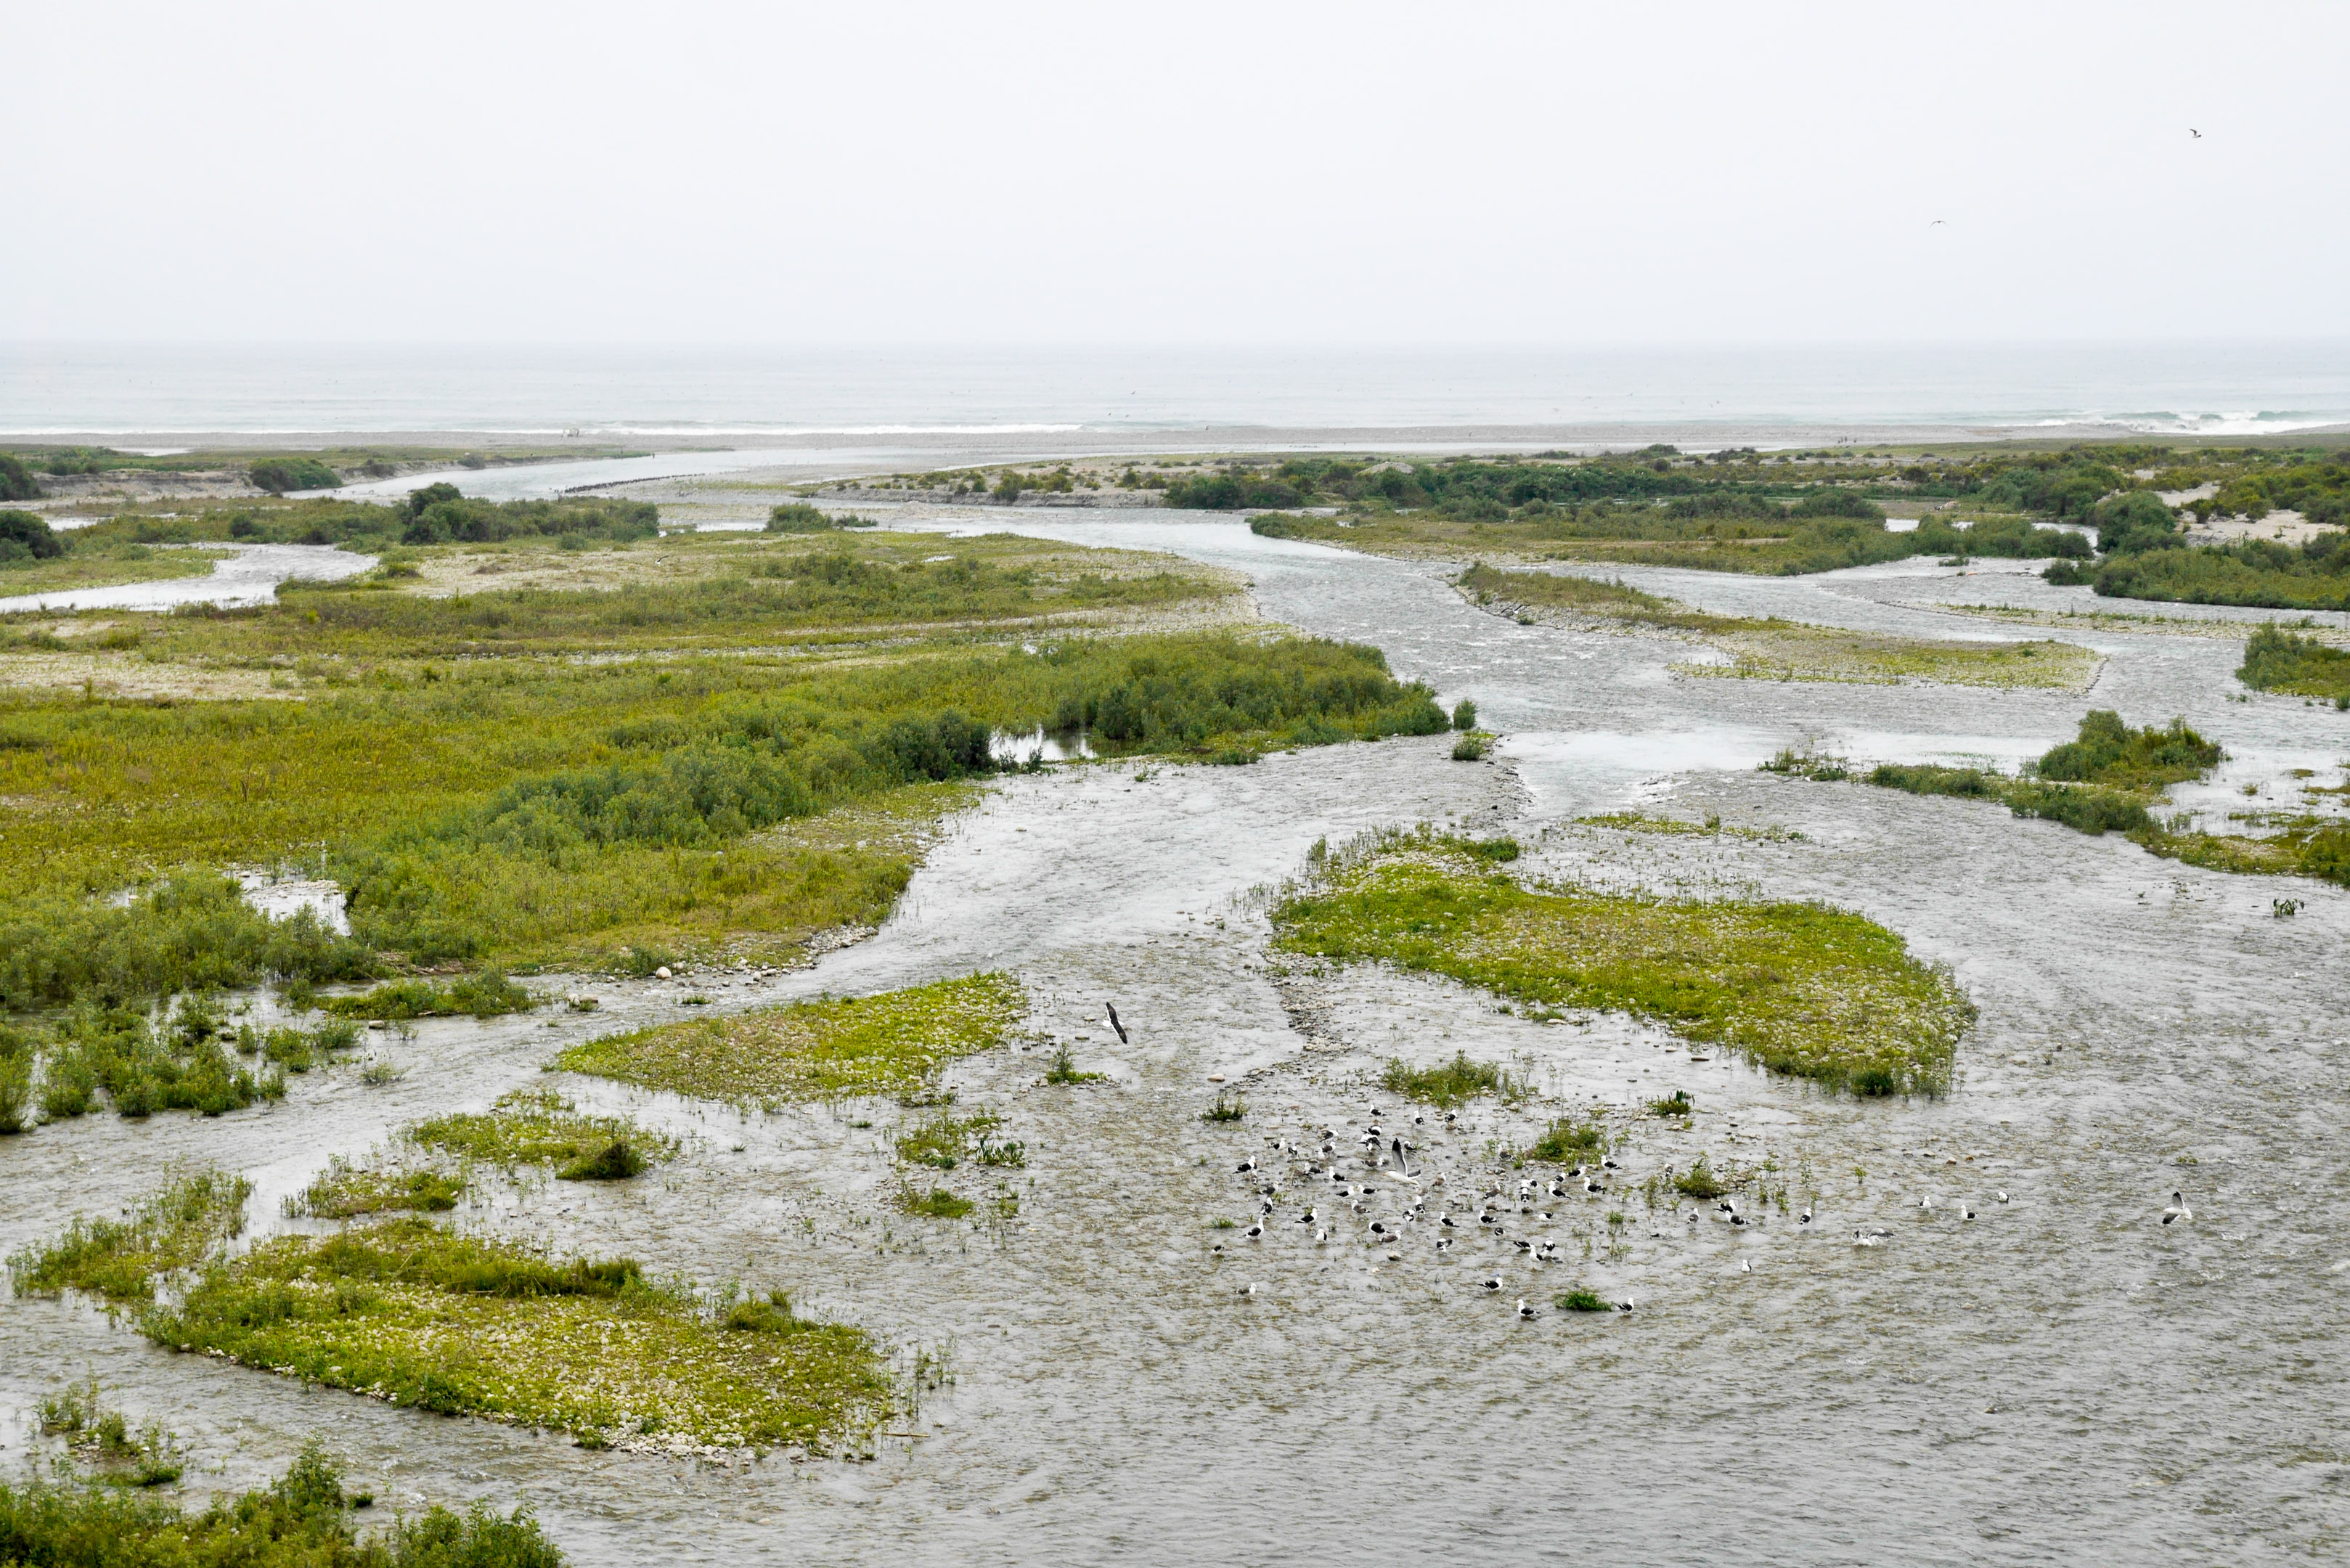 Rivière sur côte désertique